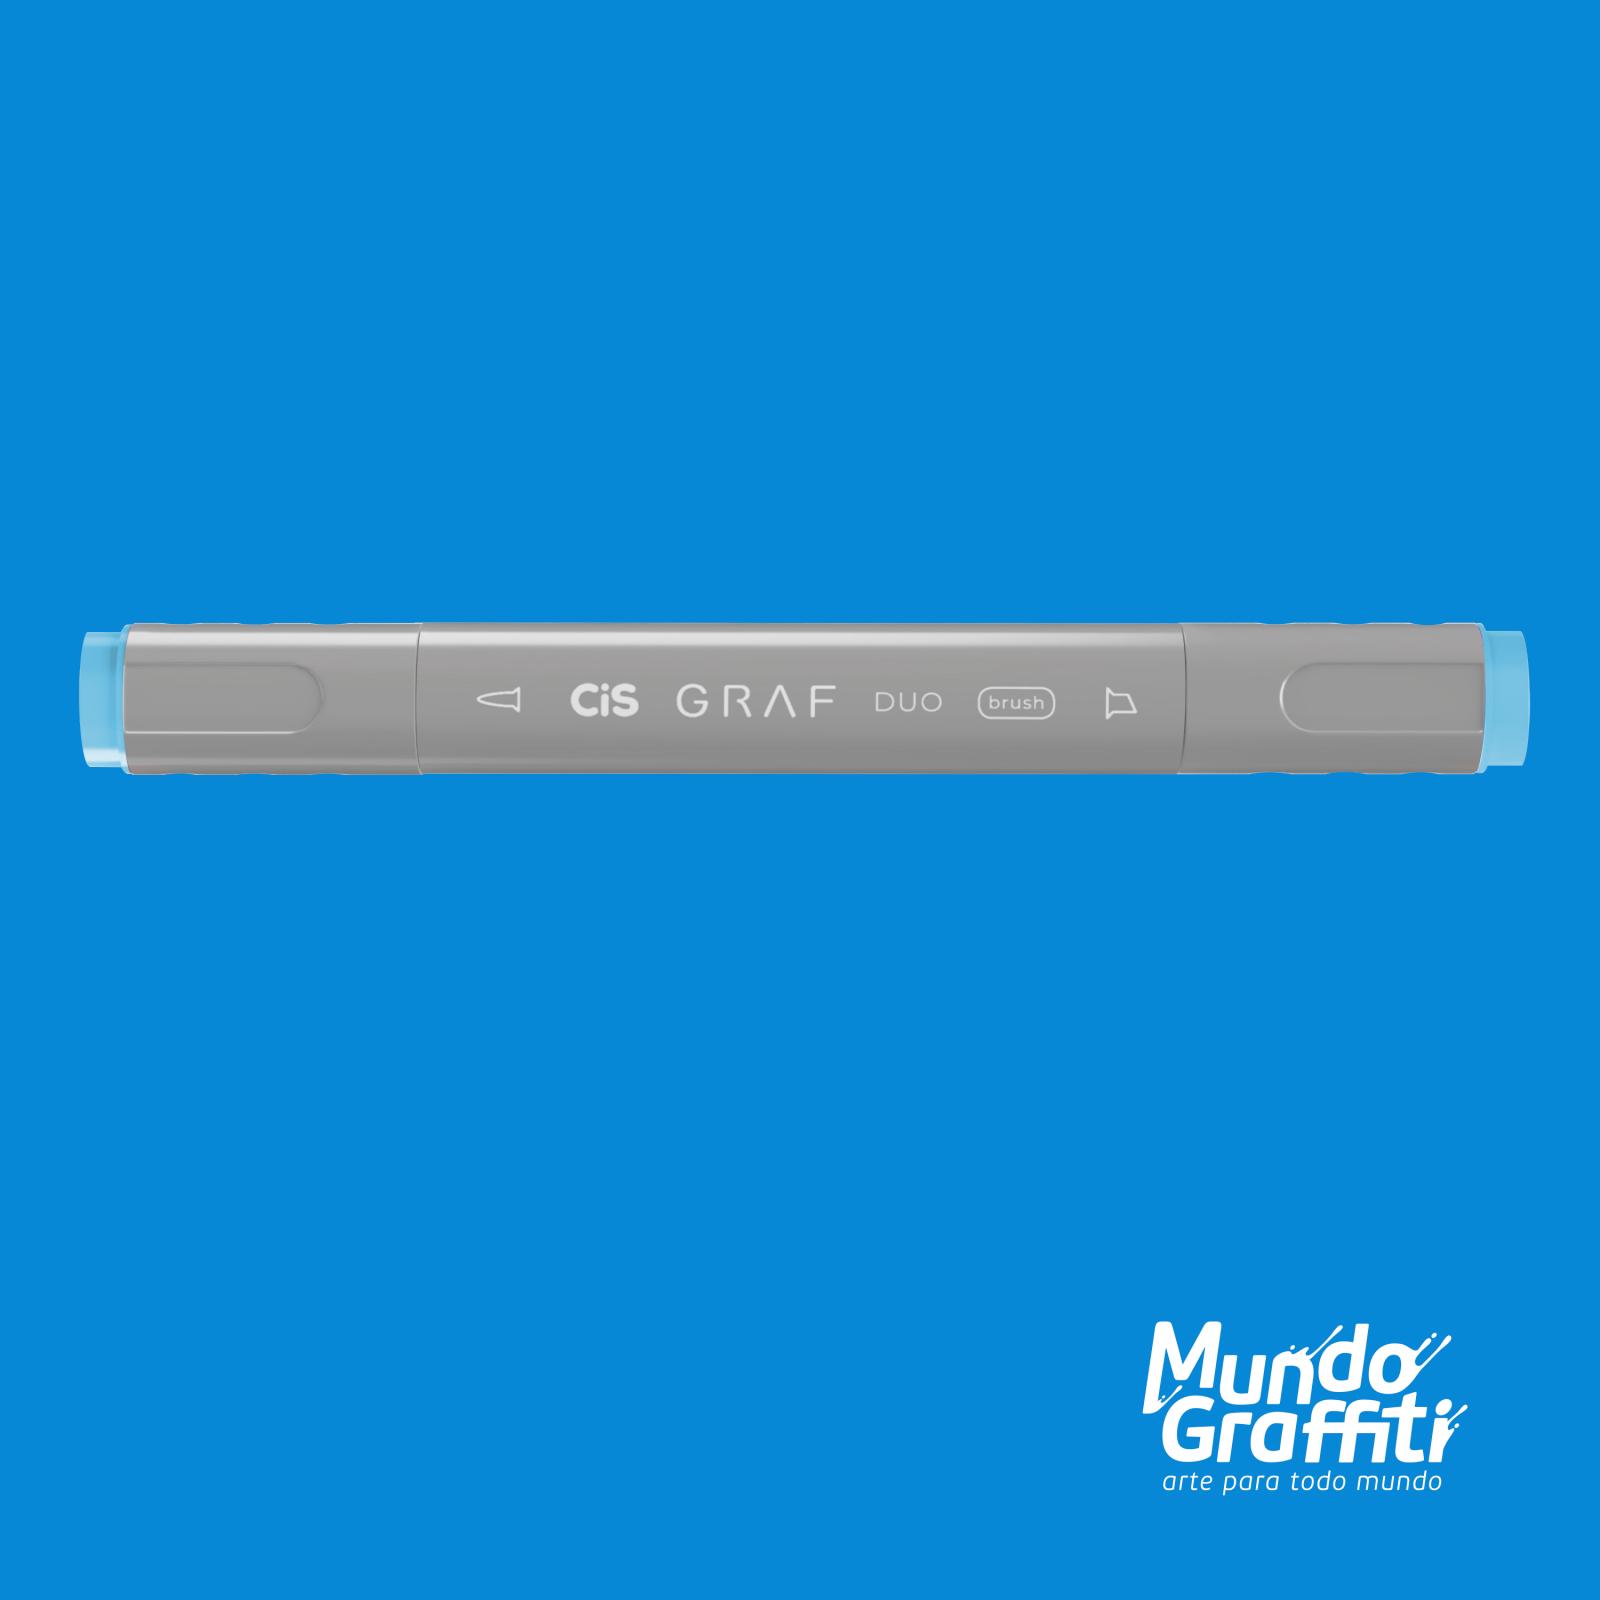 Marcador Cis Graf Duo Brush Sky Blue 76 - Mundo Graffiti